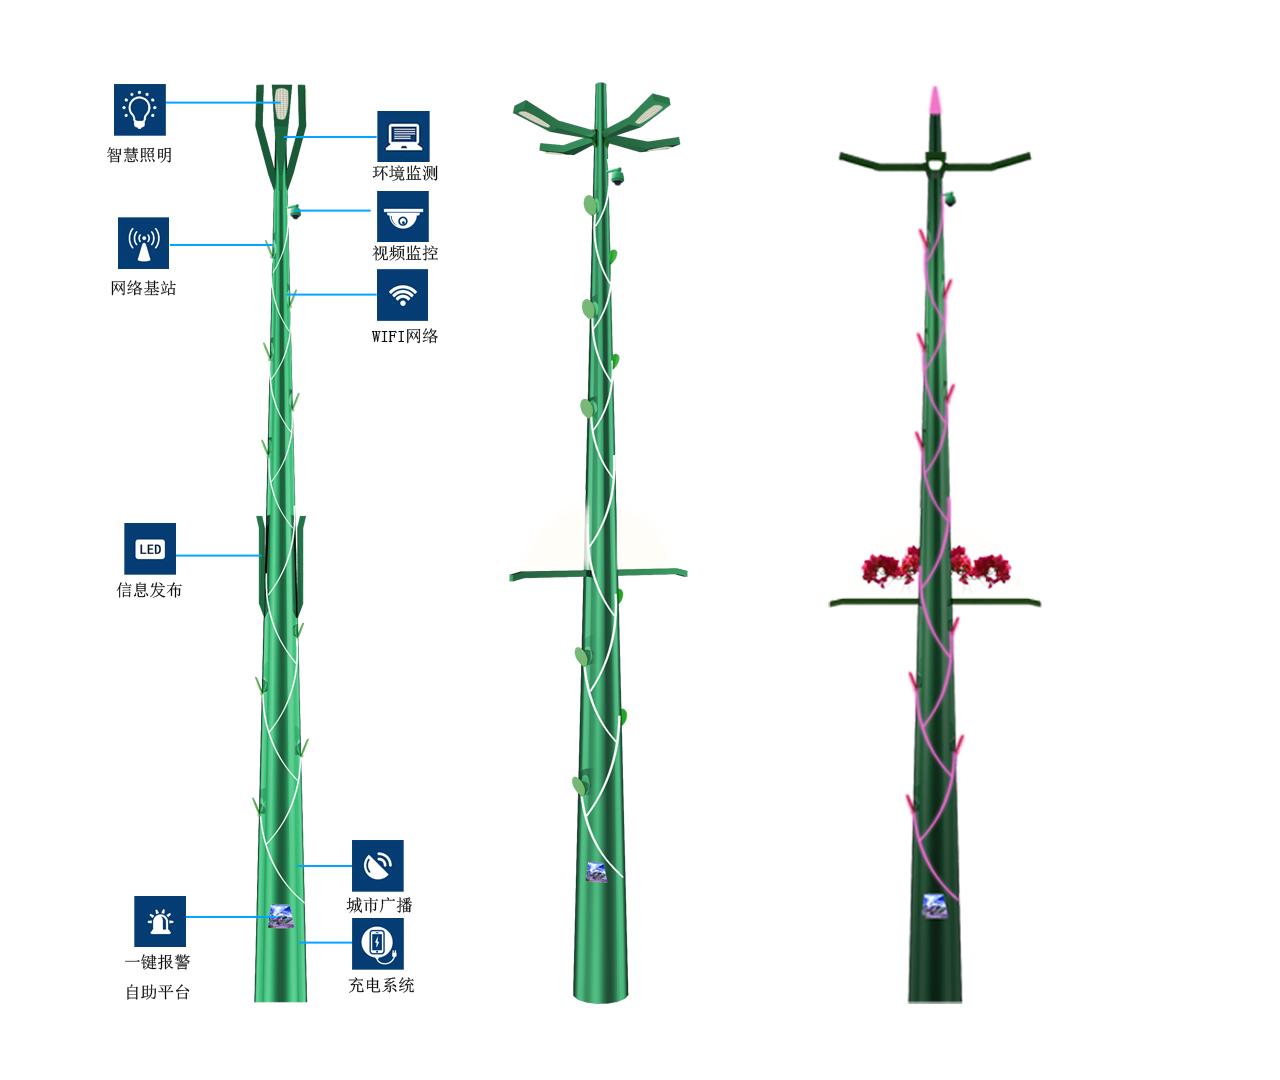 树干型BoB全球体育投注平台路灯